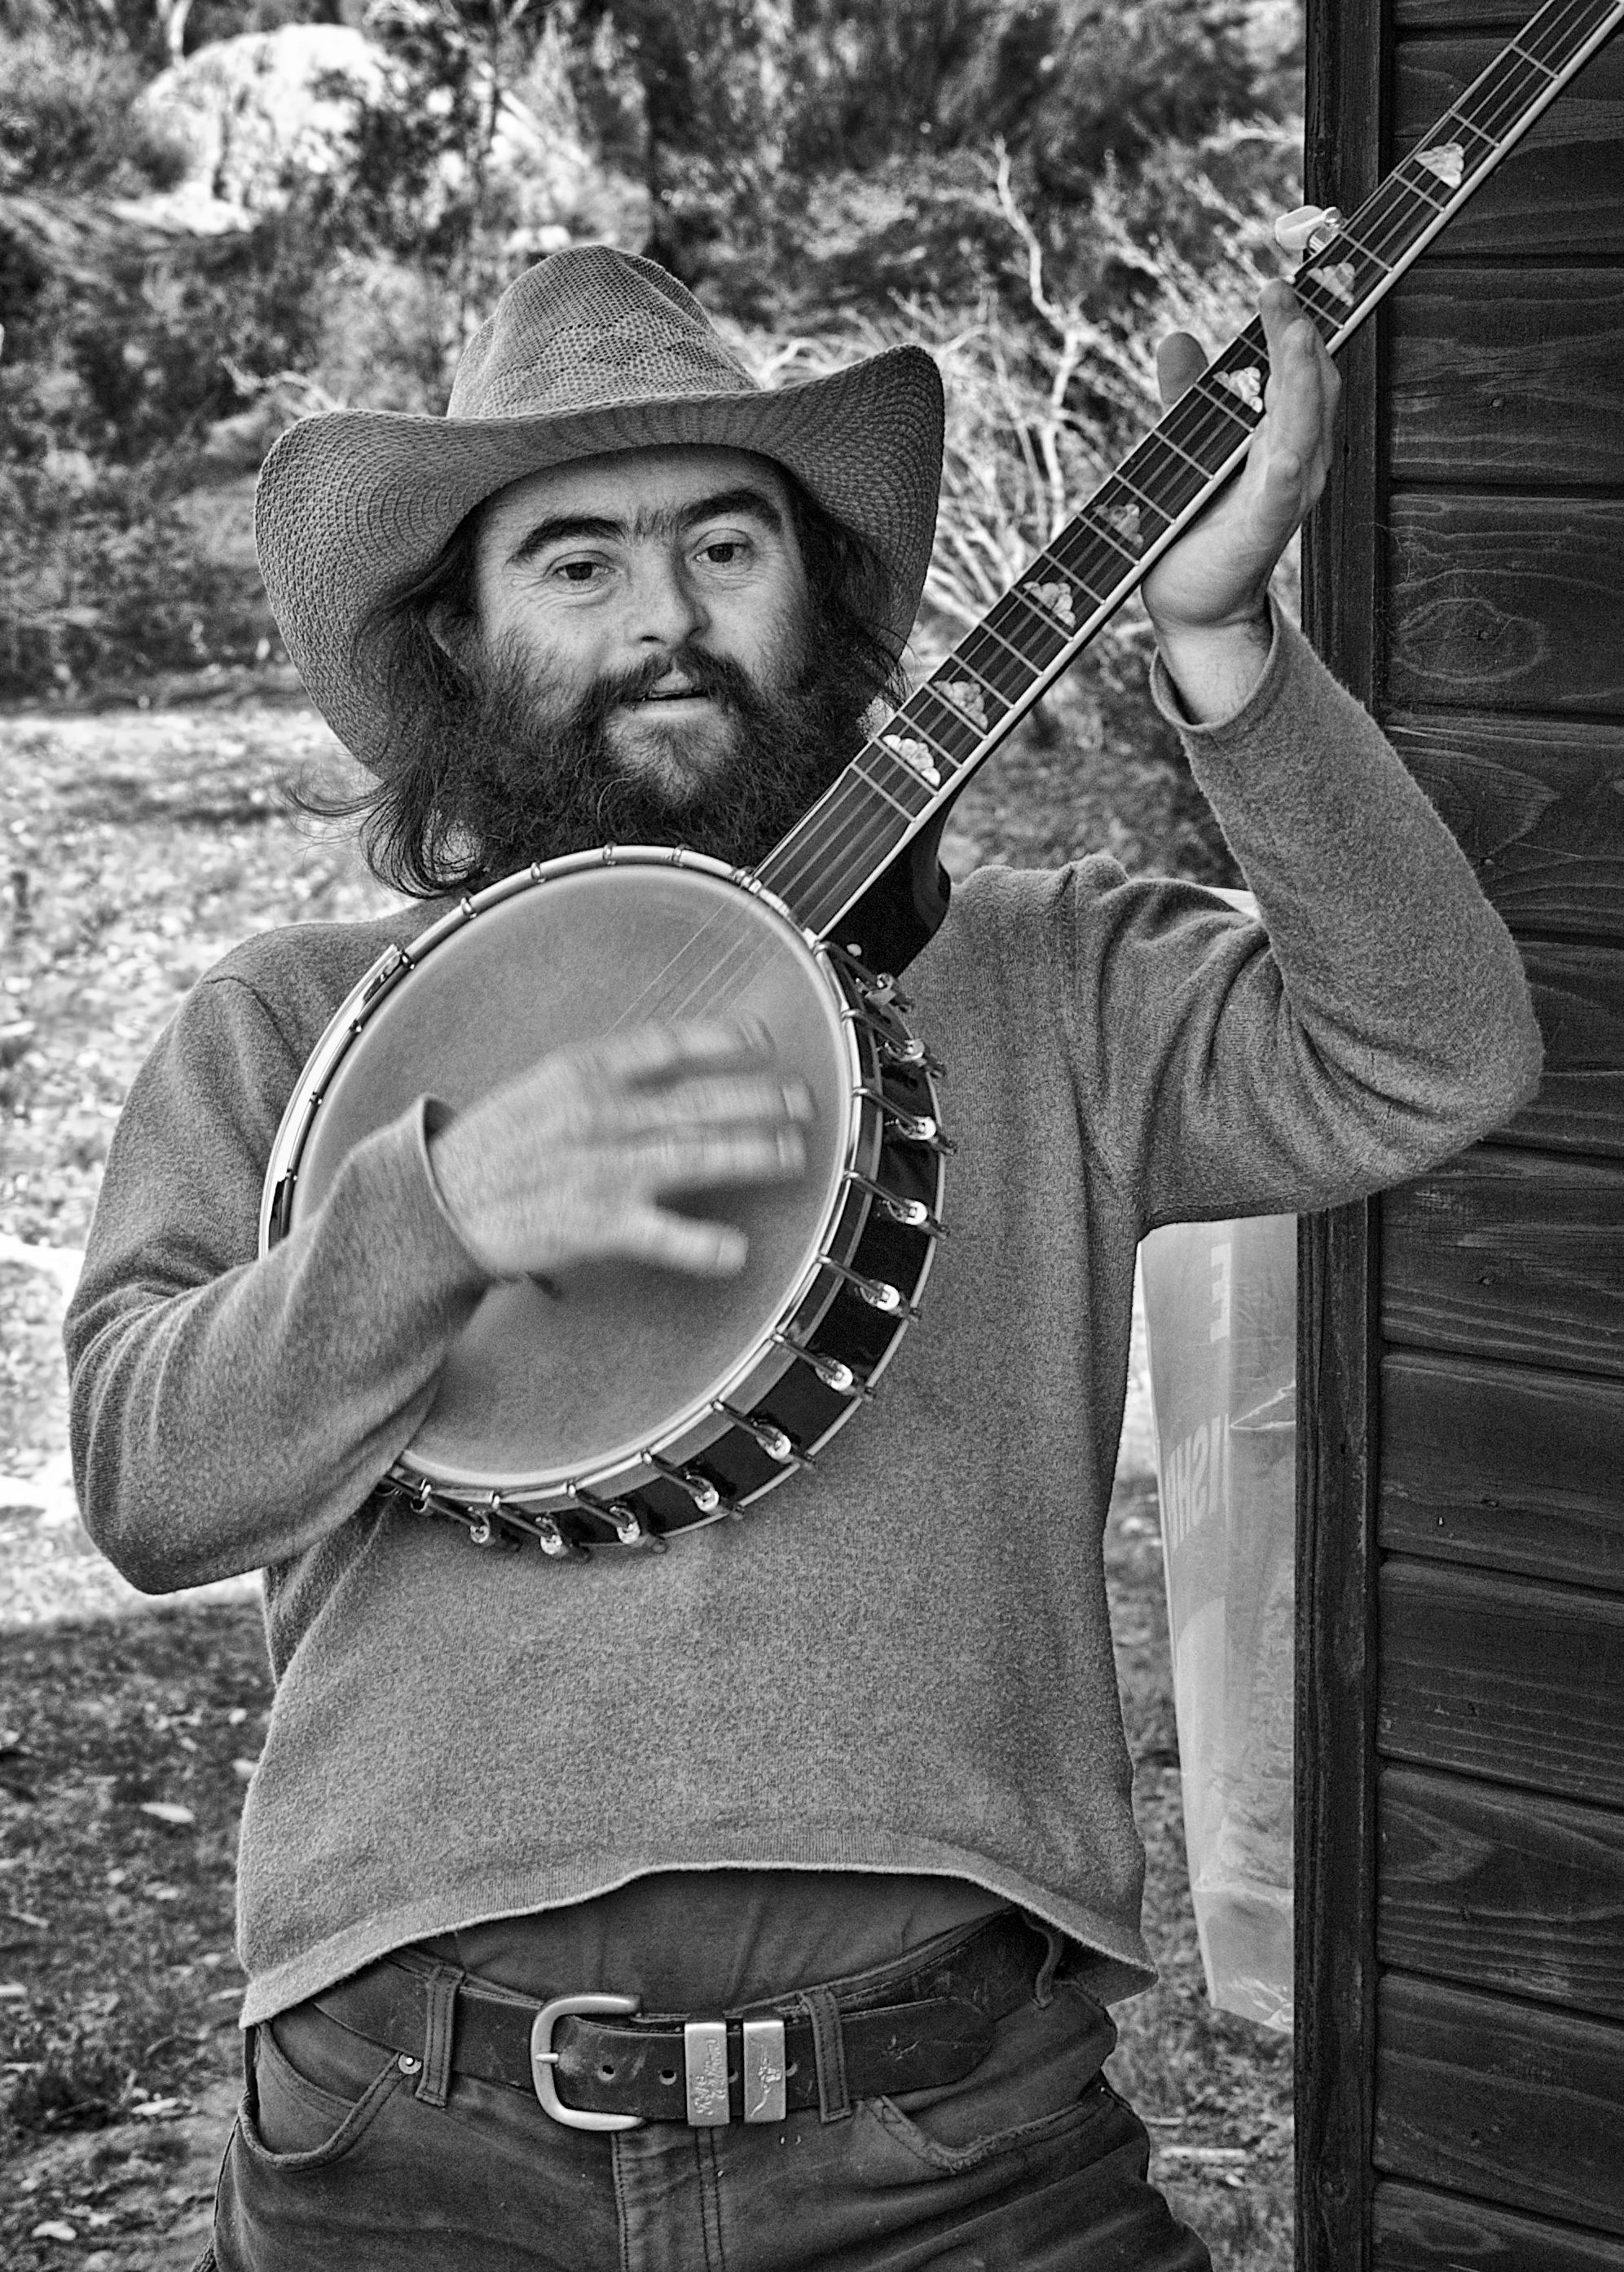 Pat and banjo